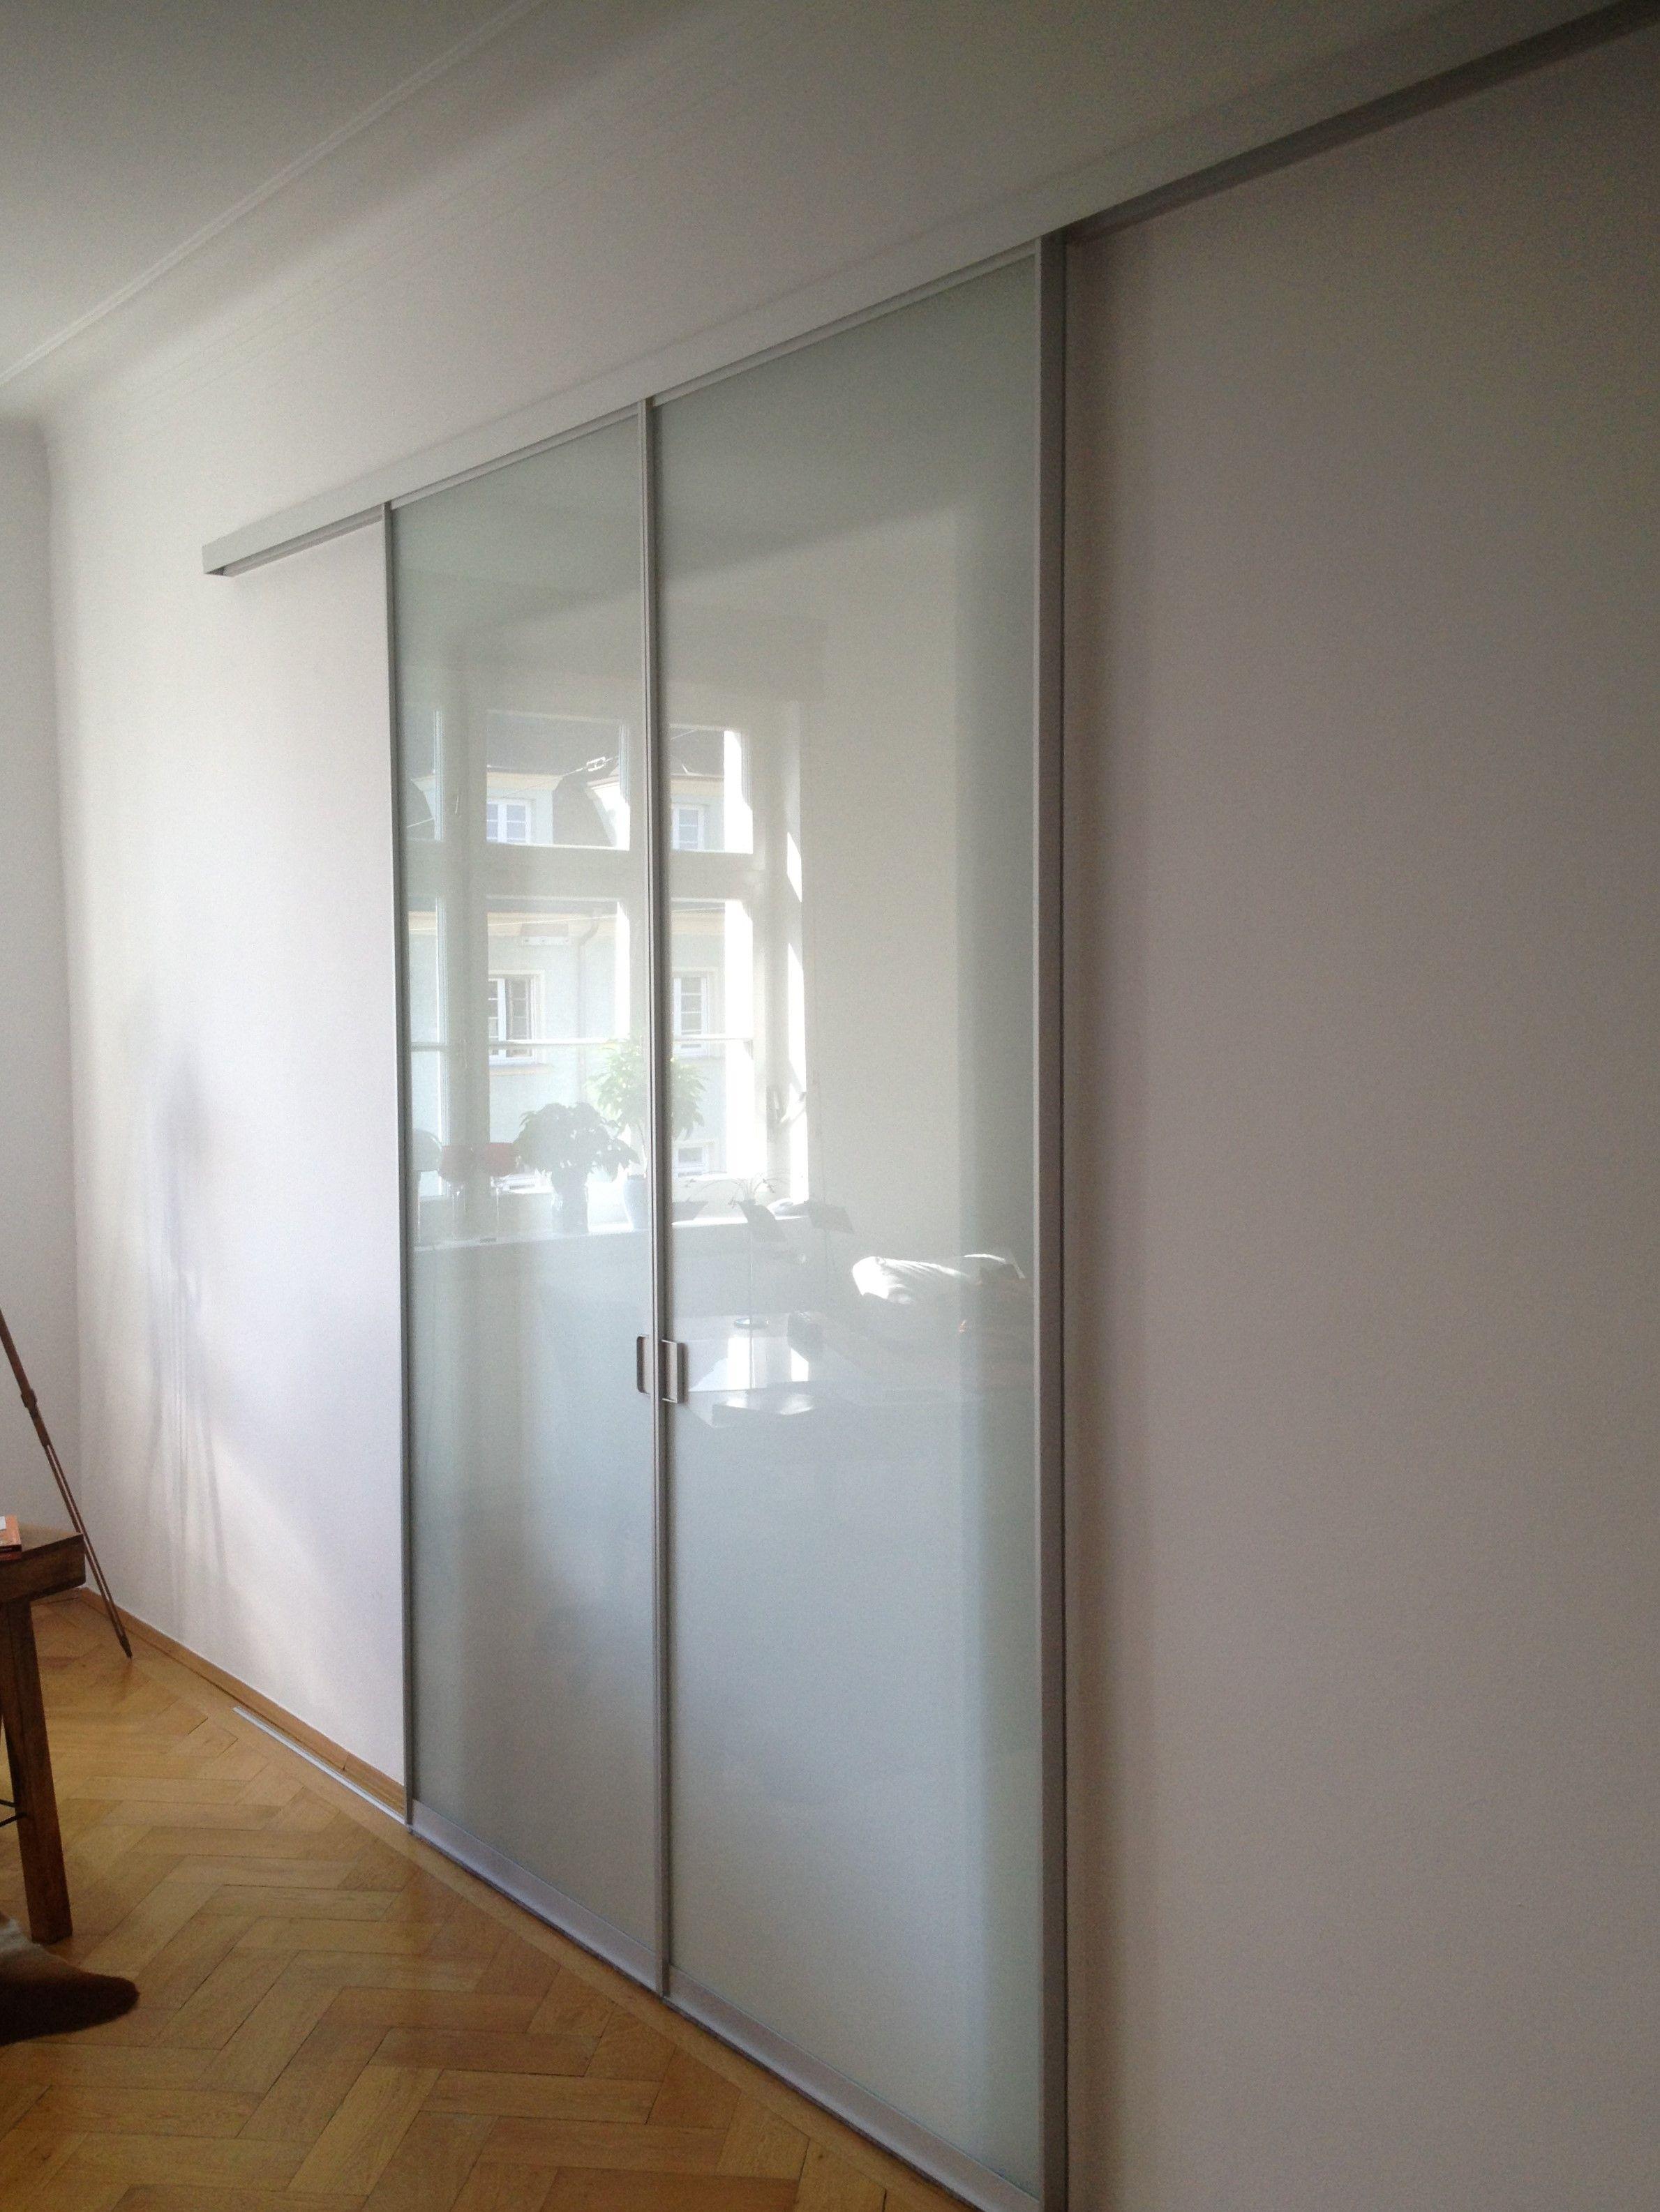 Durchgangsture Zwischen Kuche Und Wohnzimmer Design Wohnzimmer